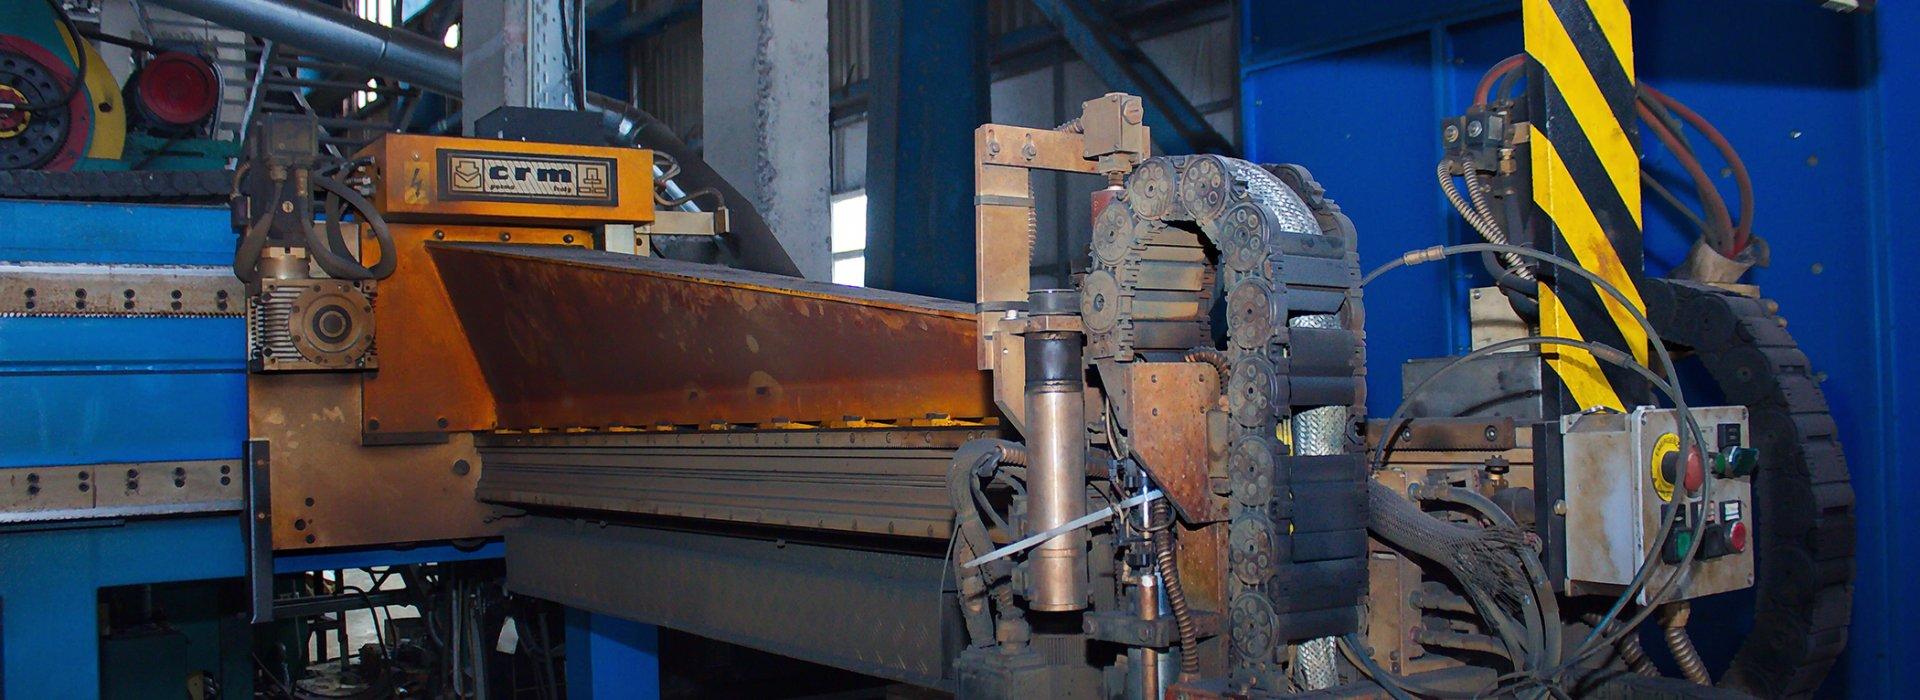 Завод производитель промышленных тяговых цепей